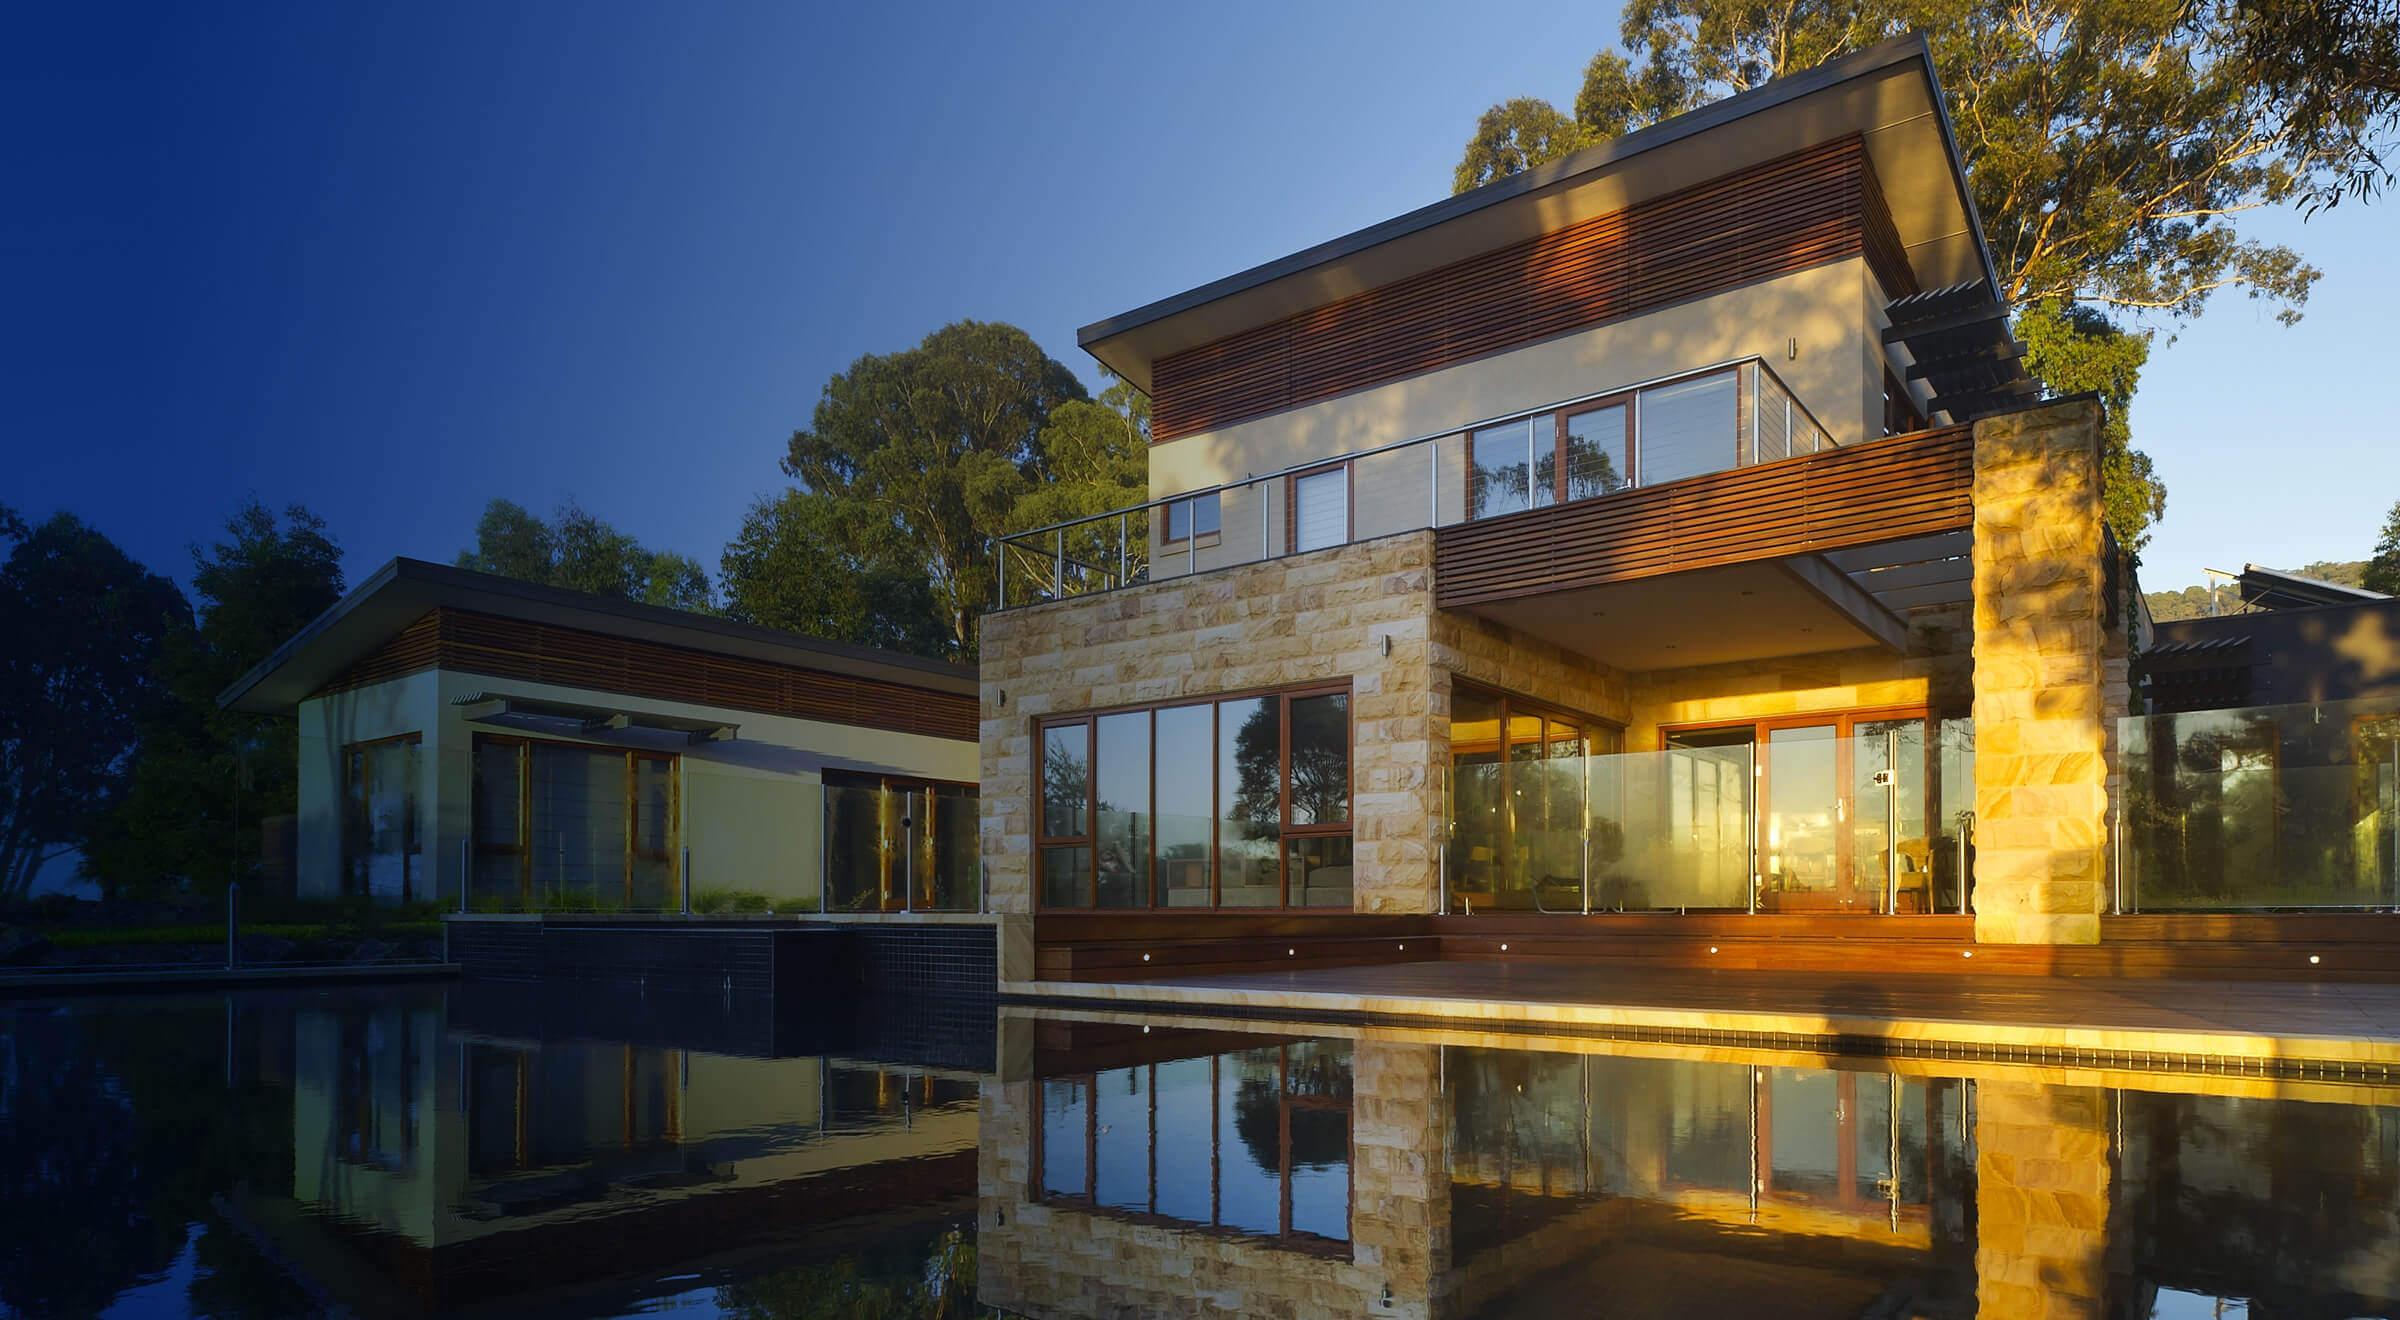 Home in a Bushfire Prone Area - Designing Home